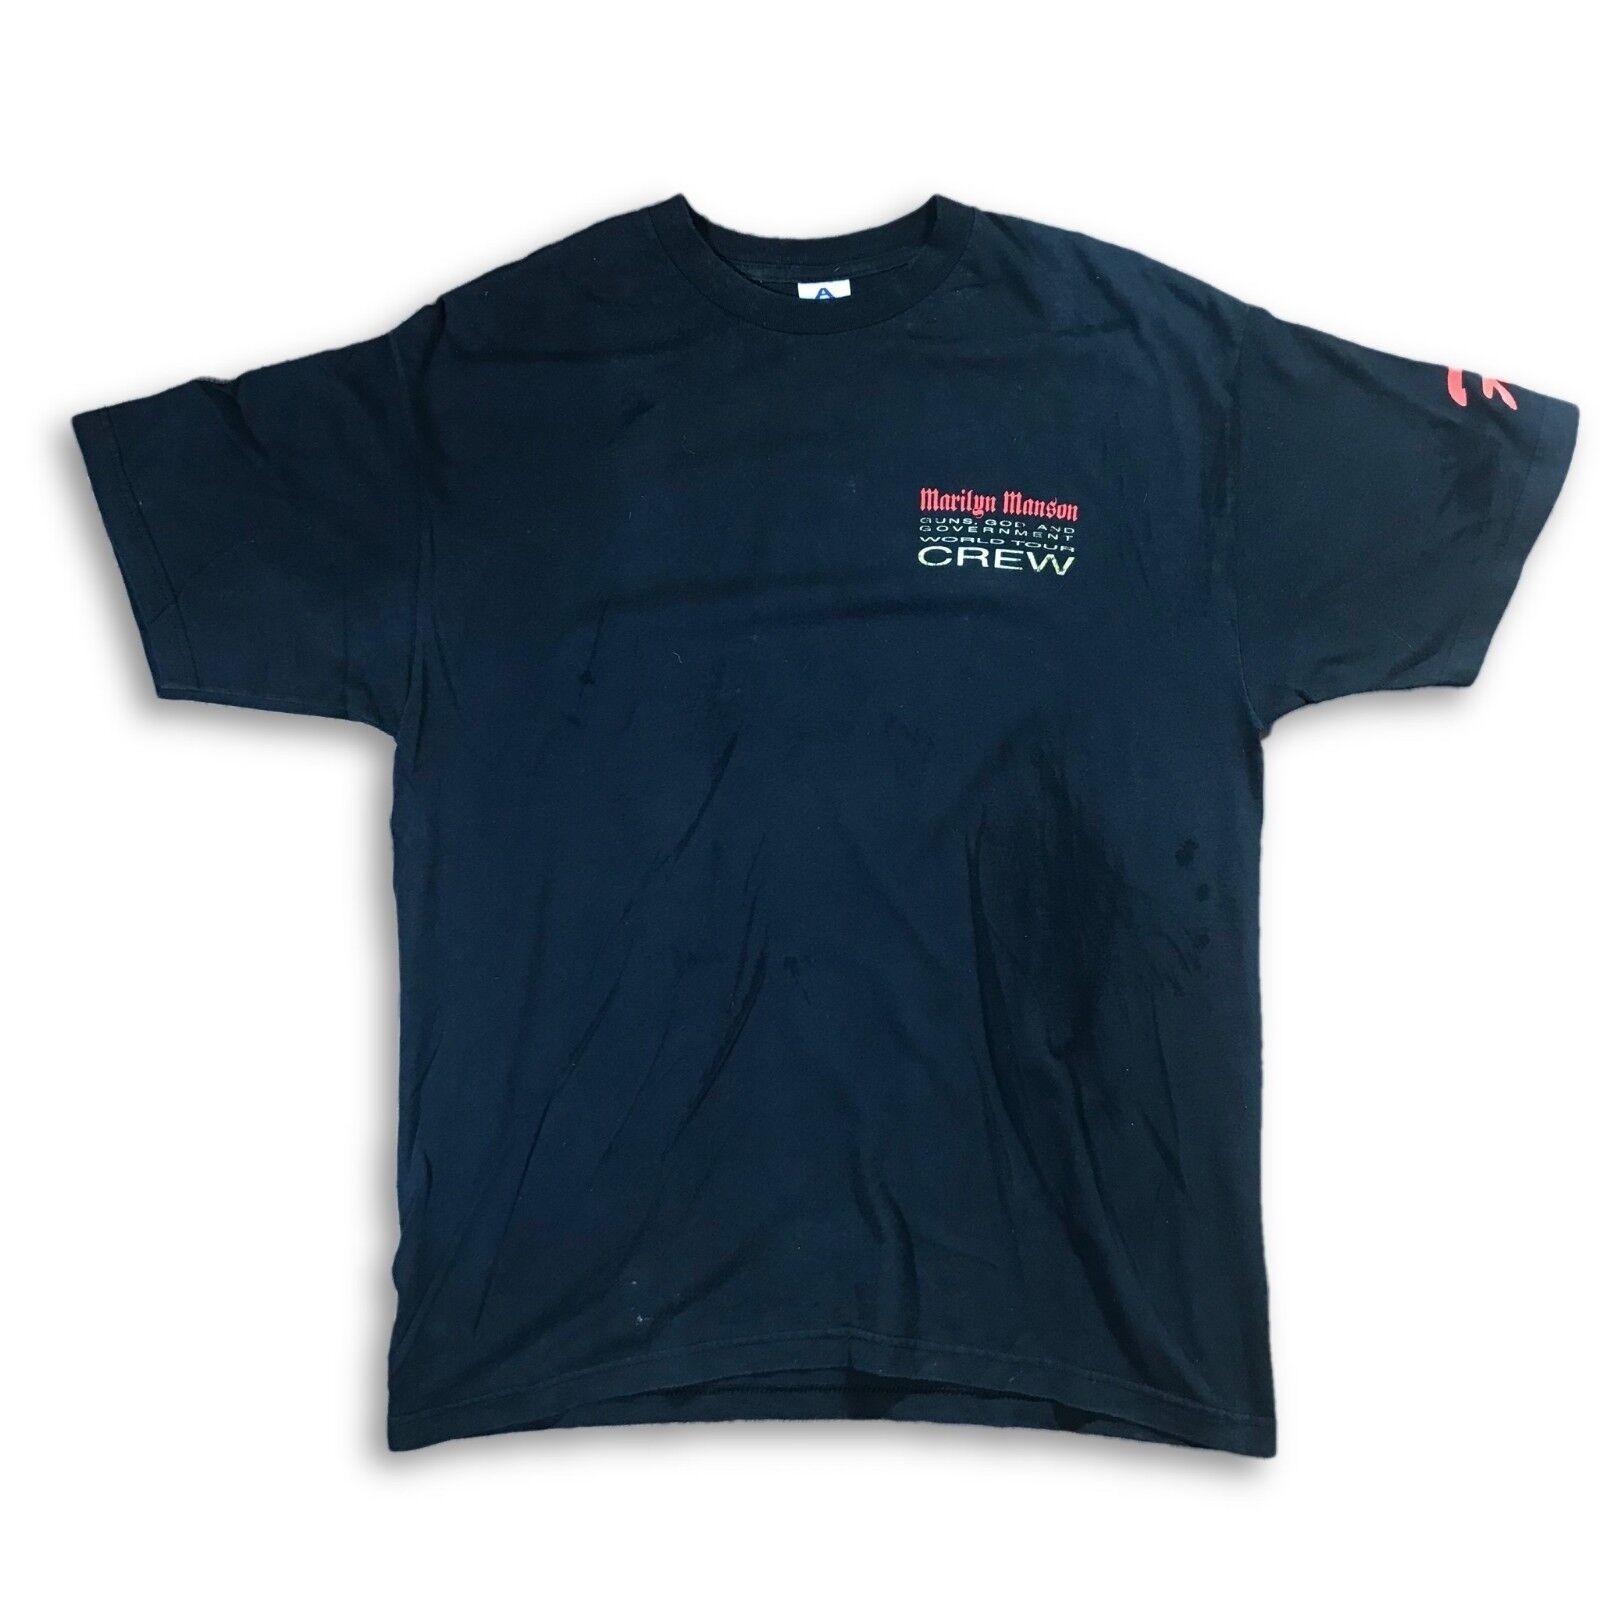 VTG 90's Marilyn Manson Tour Crew T-Shirt